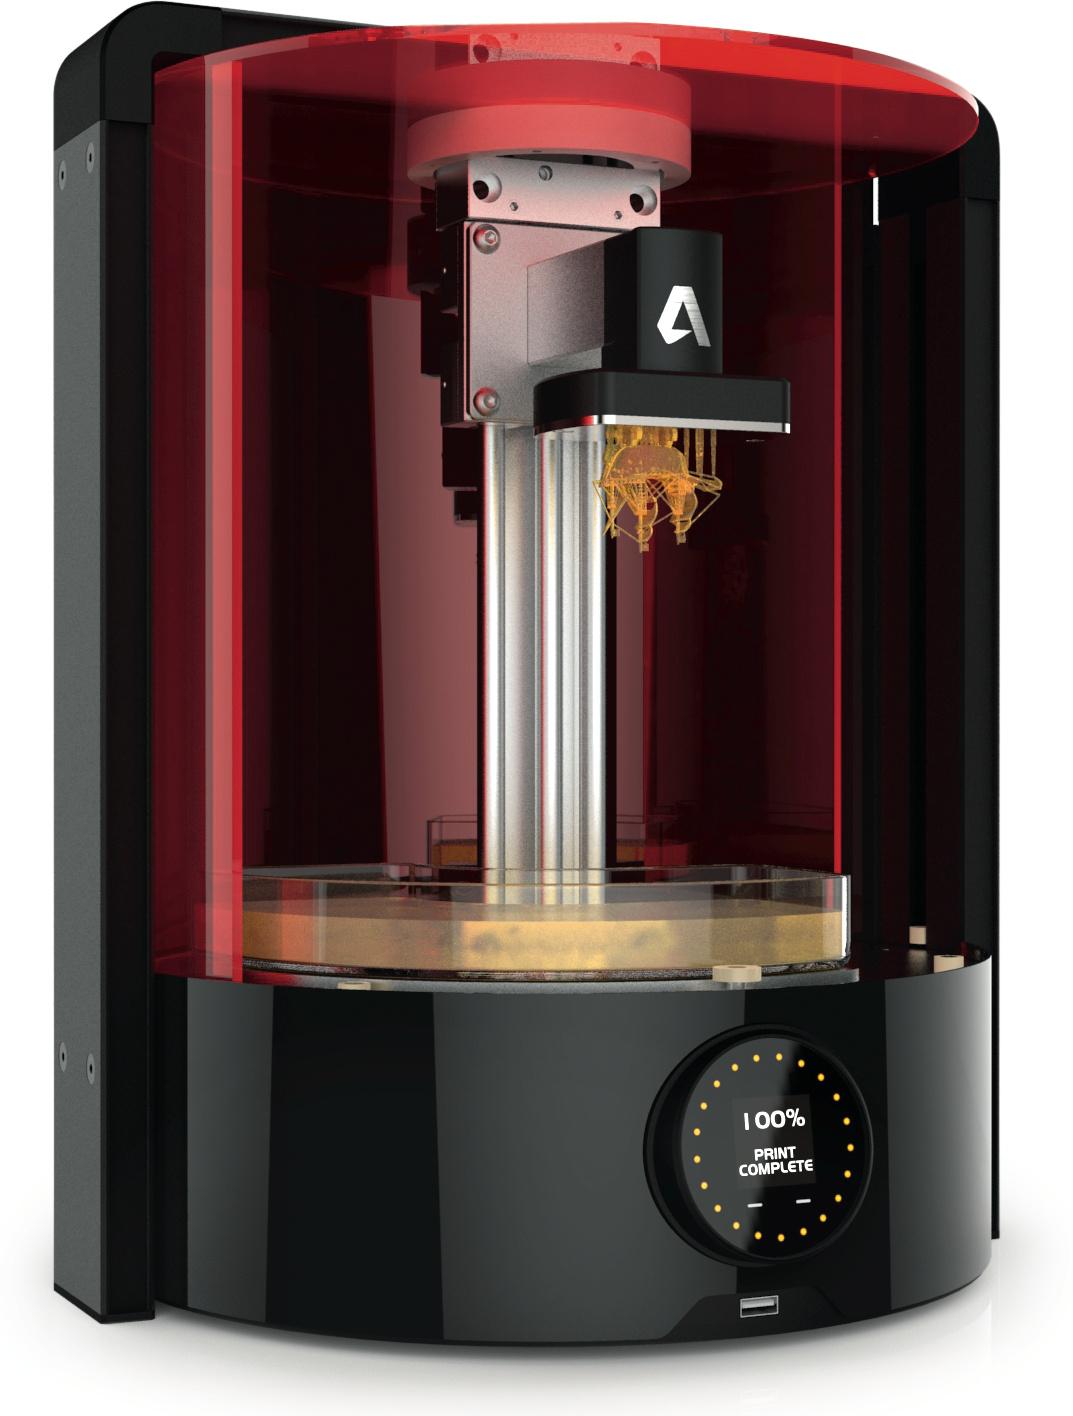 ZuverläSsig 3d Drucker Computer Drucker Print 3d-drucker